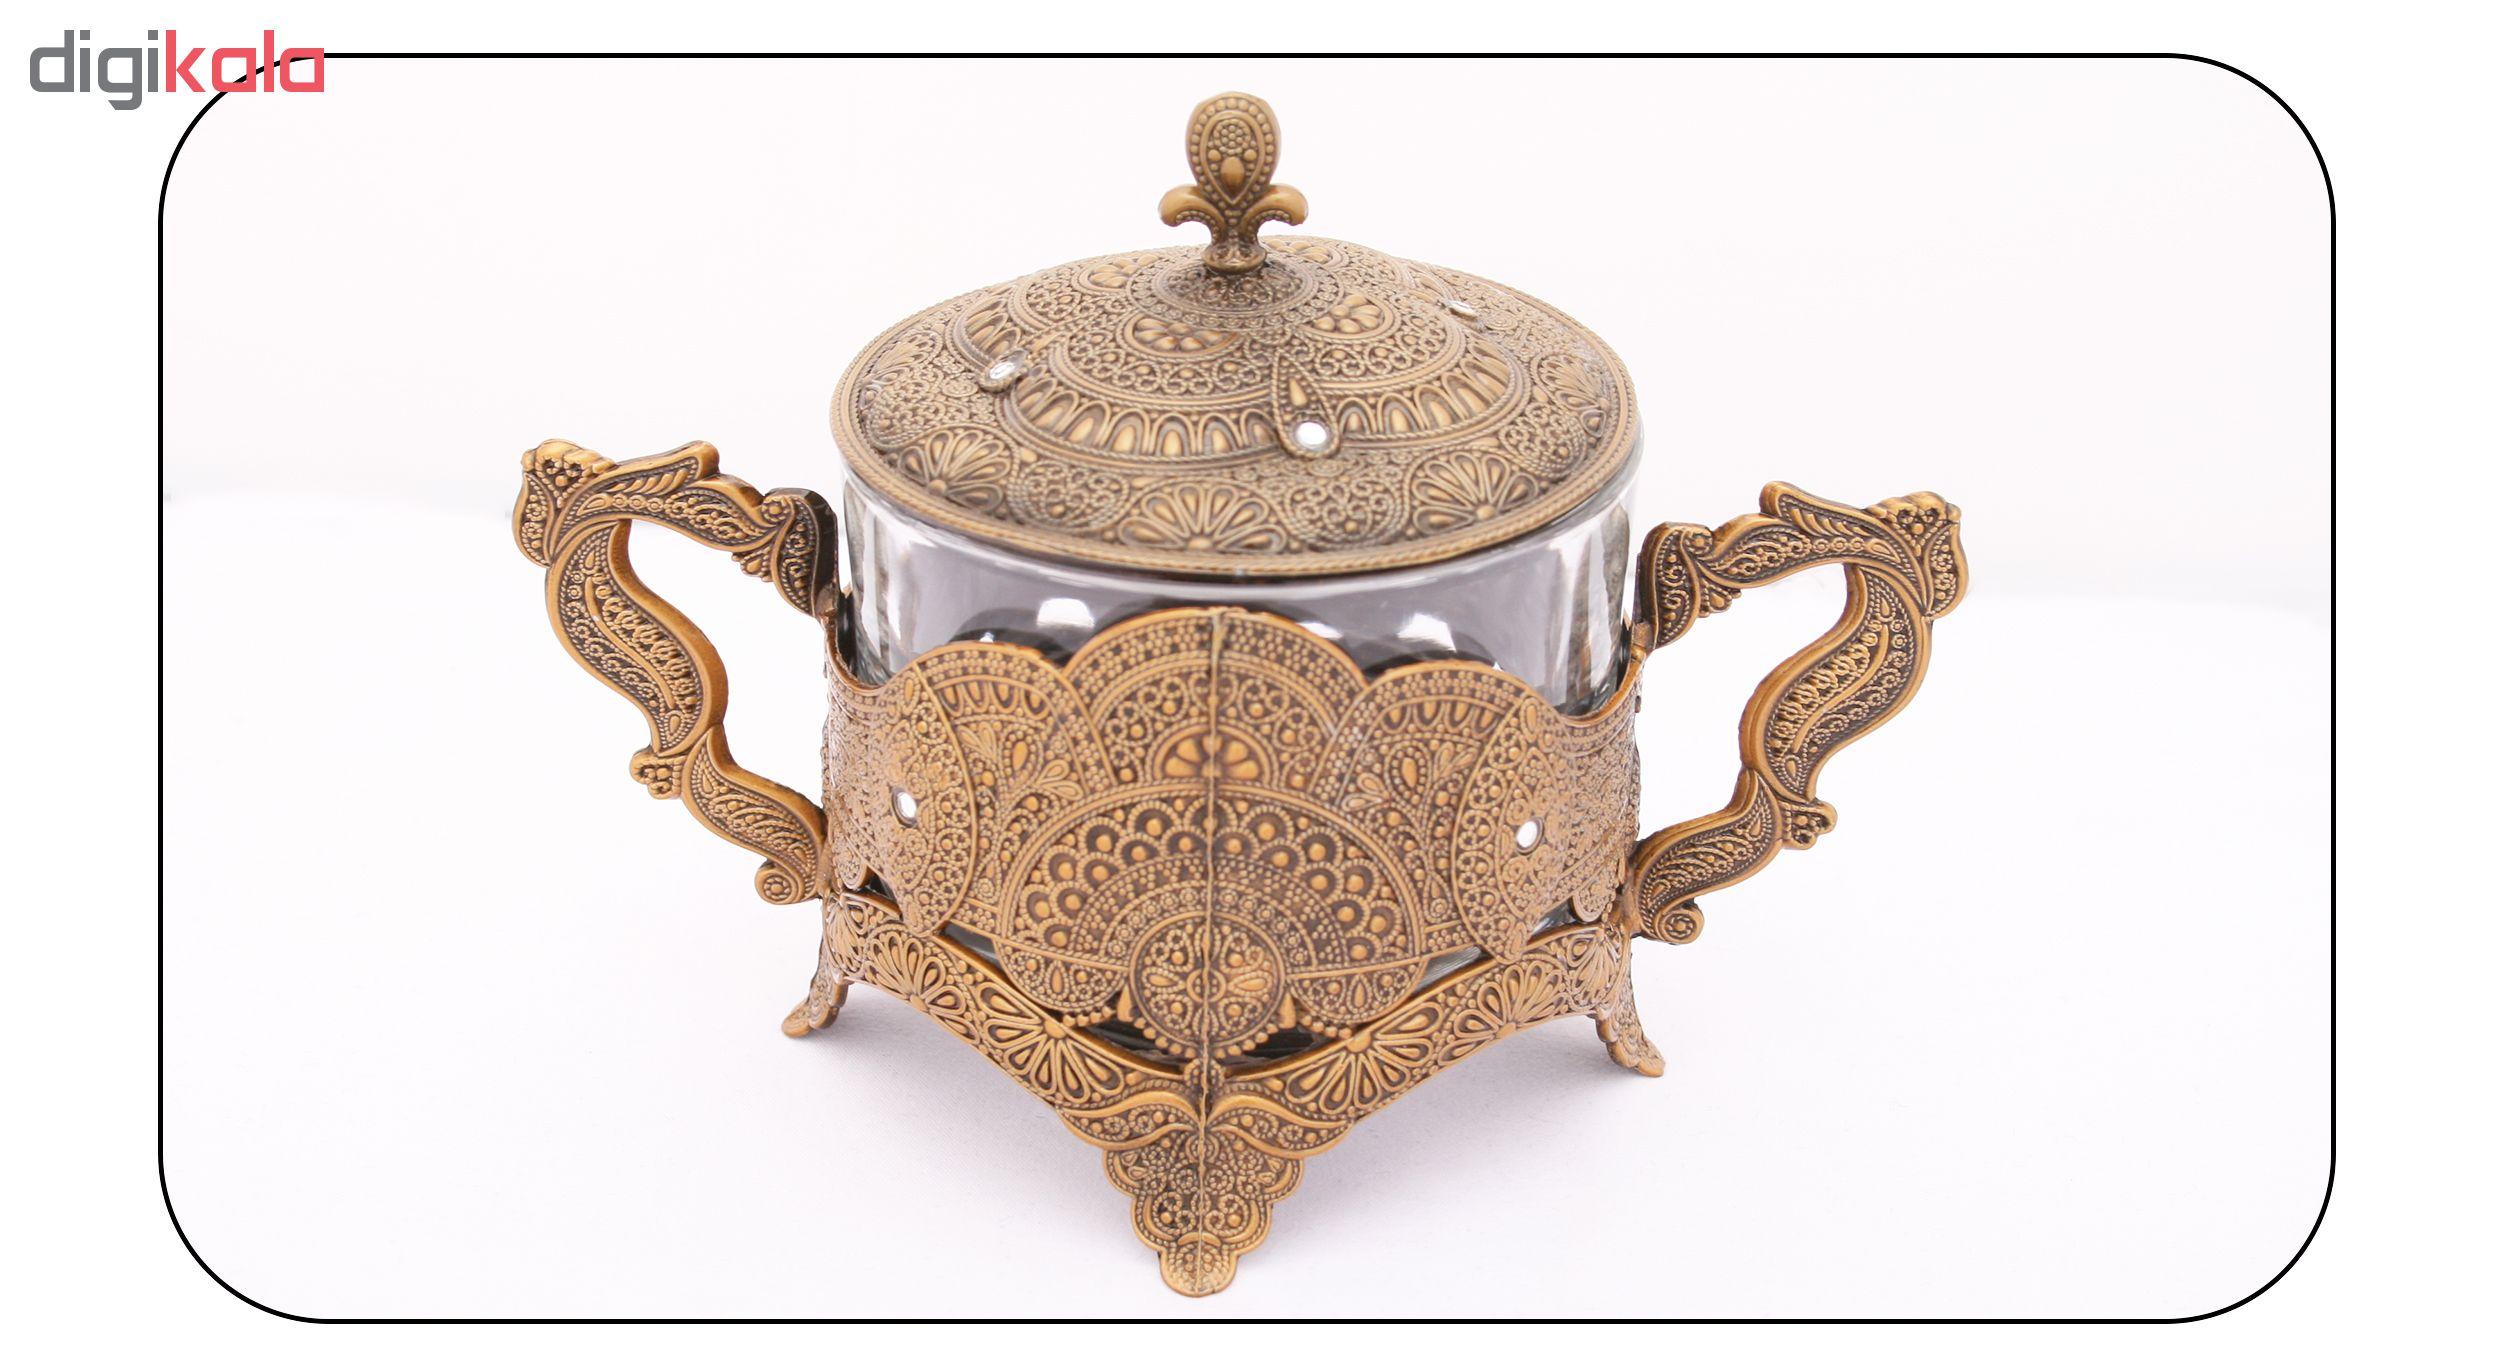 سرویس چای خوری 8 پارچه سلوین مدل OL 14160/0/6